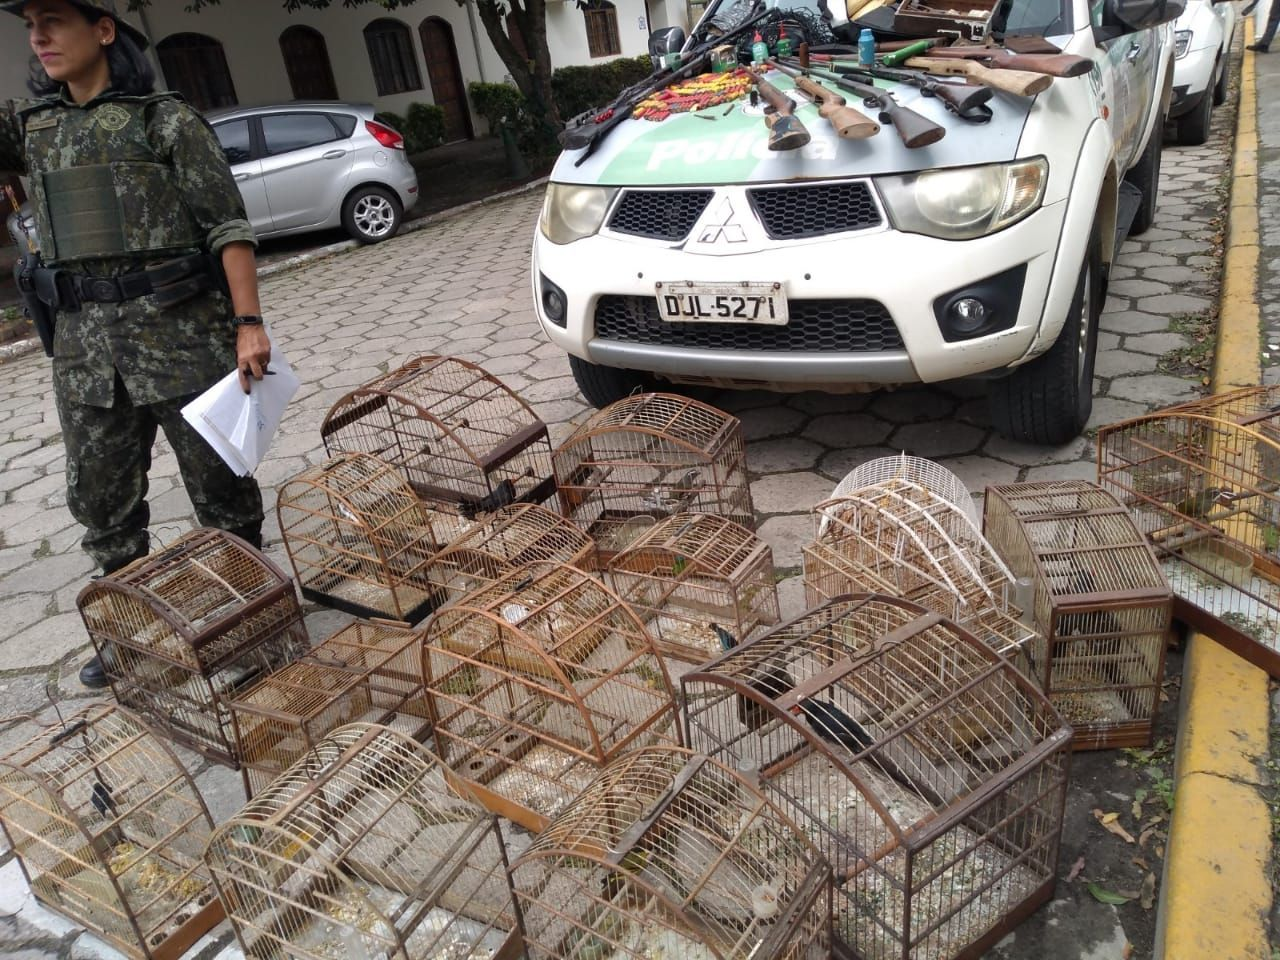 Dupla é detida e 22 aves silvestres são resgatas de cativeiro